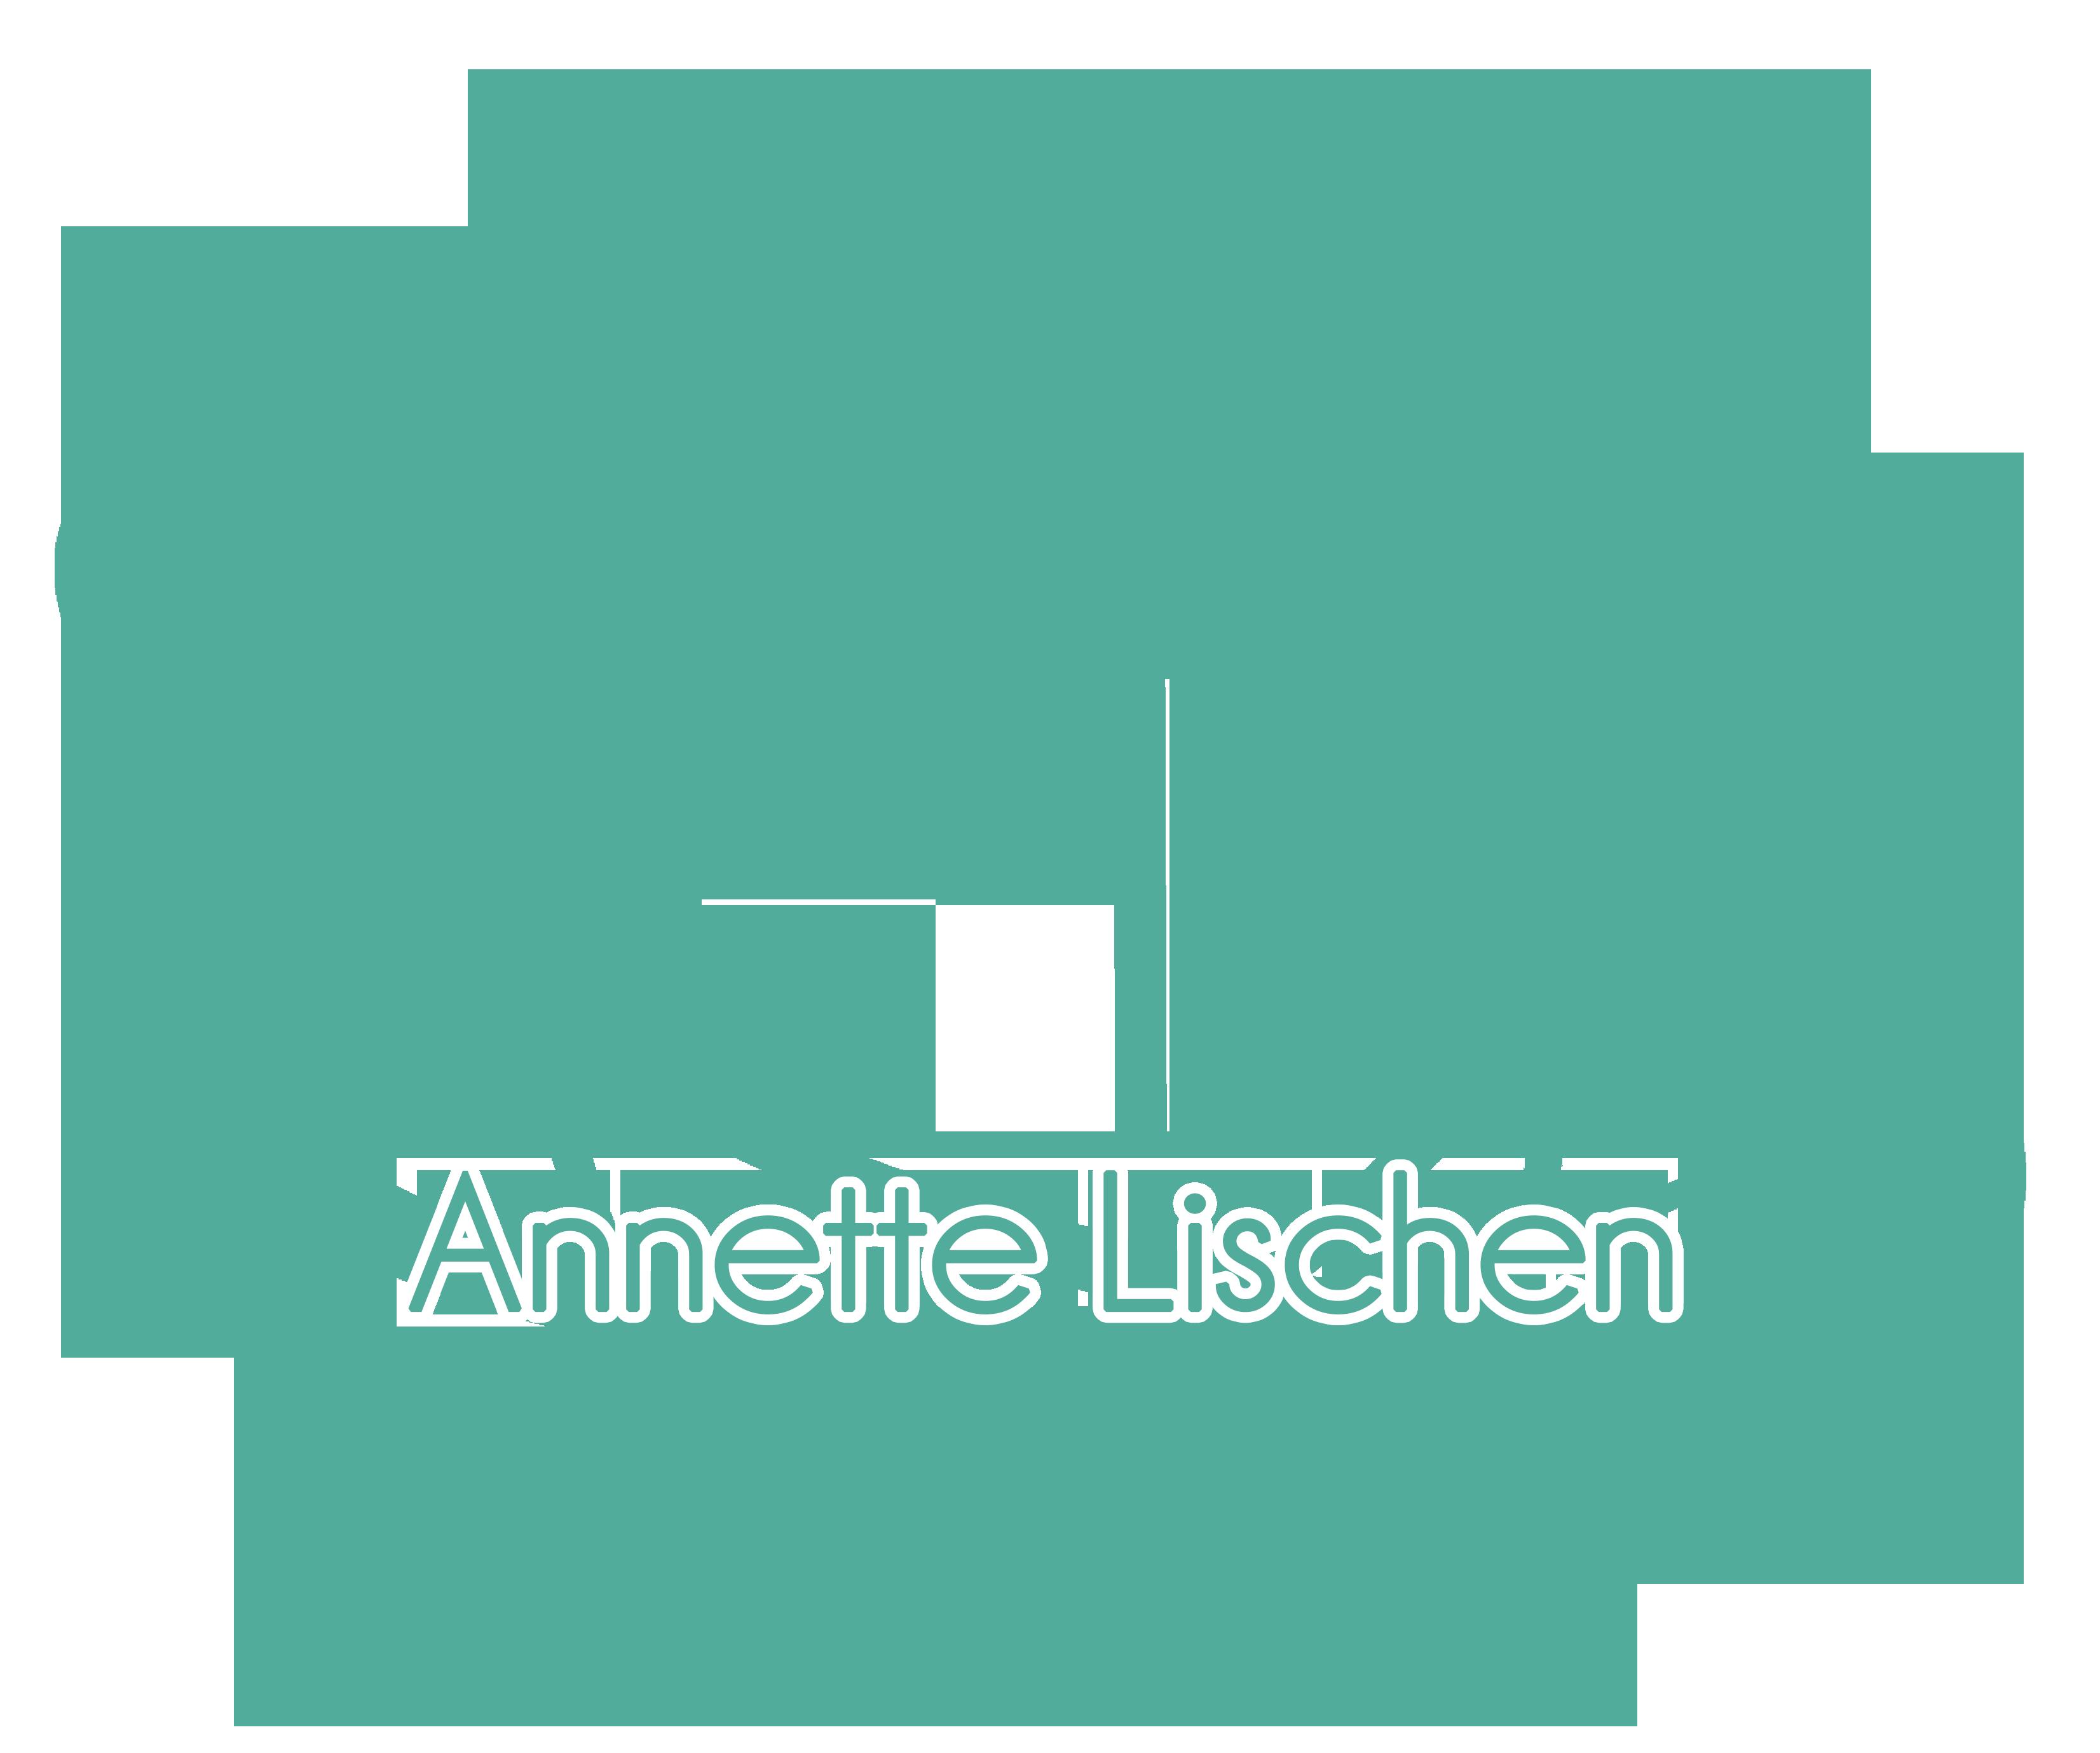 Annette Lischen